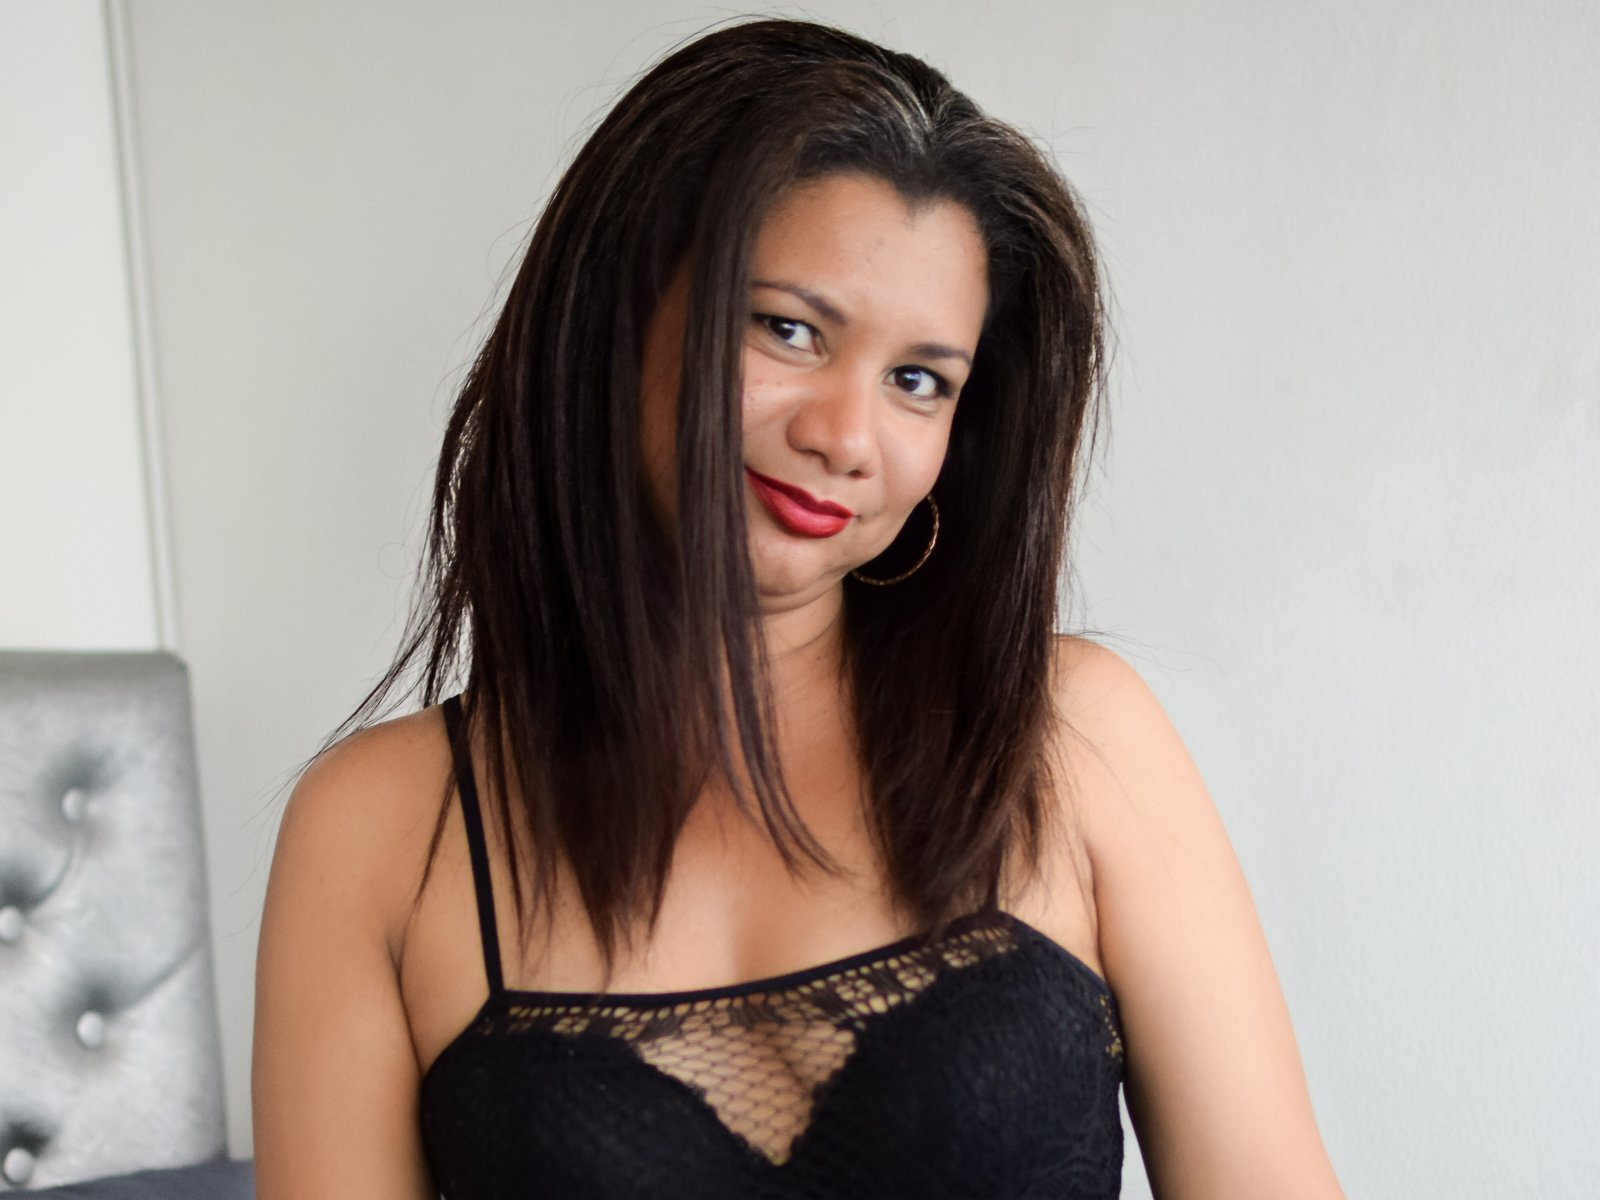 Μαύρη γυναίκα σεξ ώριμη